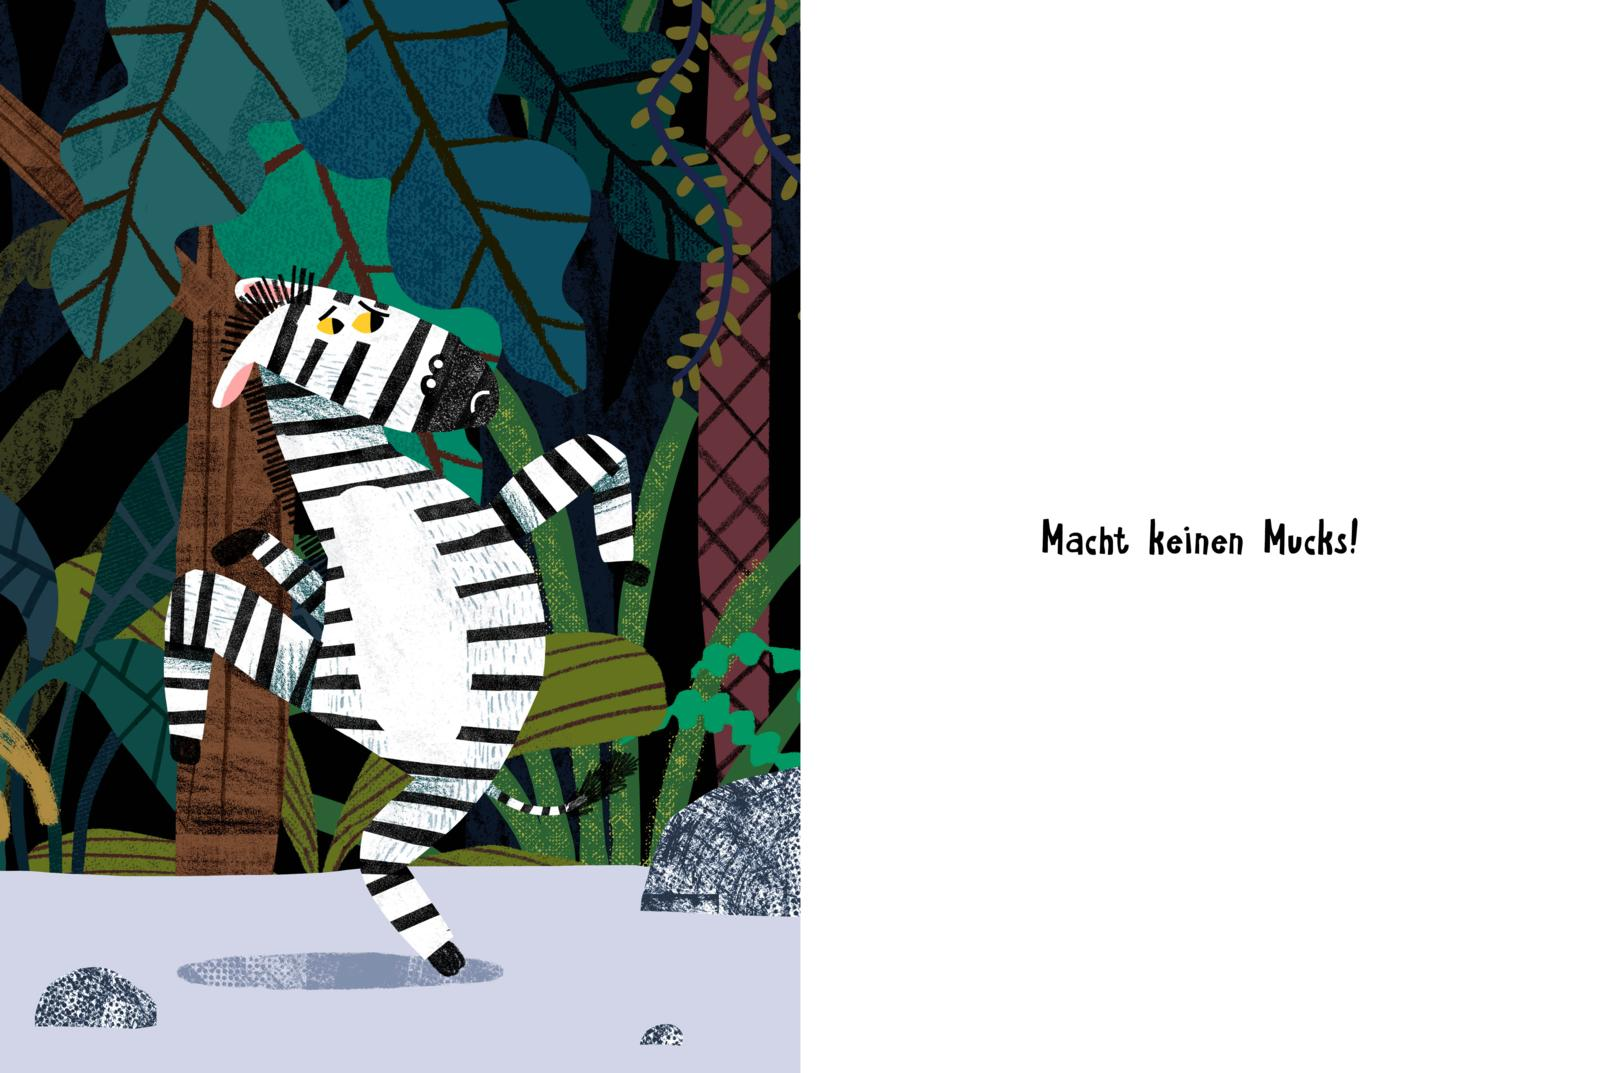 Zebra, Bilderbuch, Aladin Verlag, vorlesen, Familie, Kinderbuch, Bilderbuch